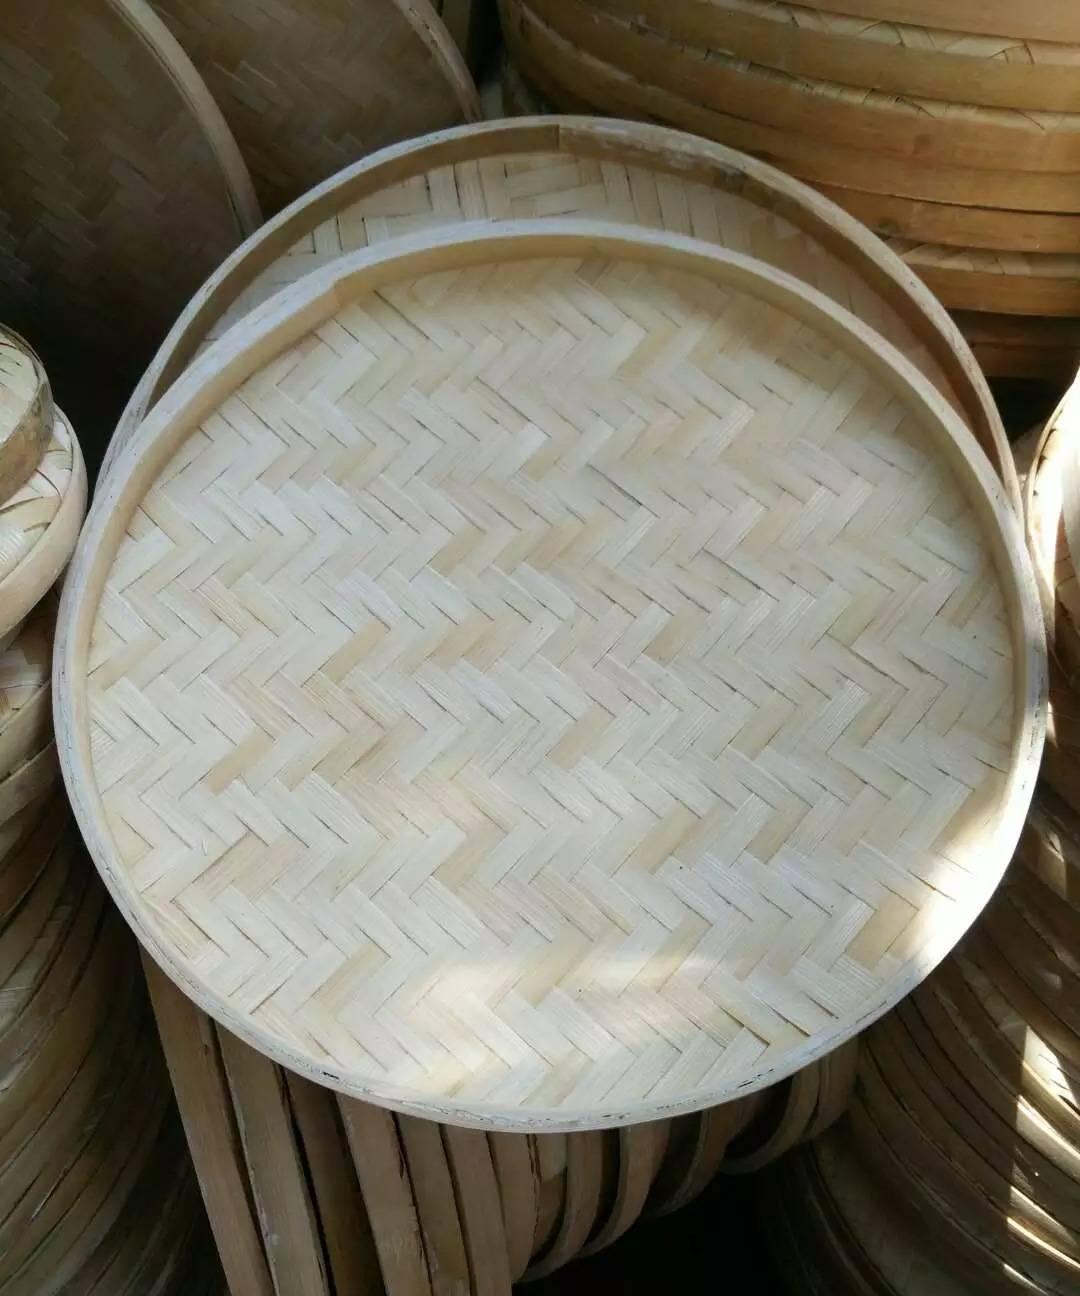 彩色纸盘 手工材料 儿童创意diy制作 幼儿园美工区一次性餐盘子